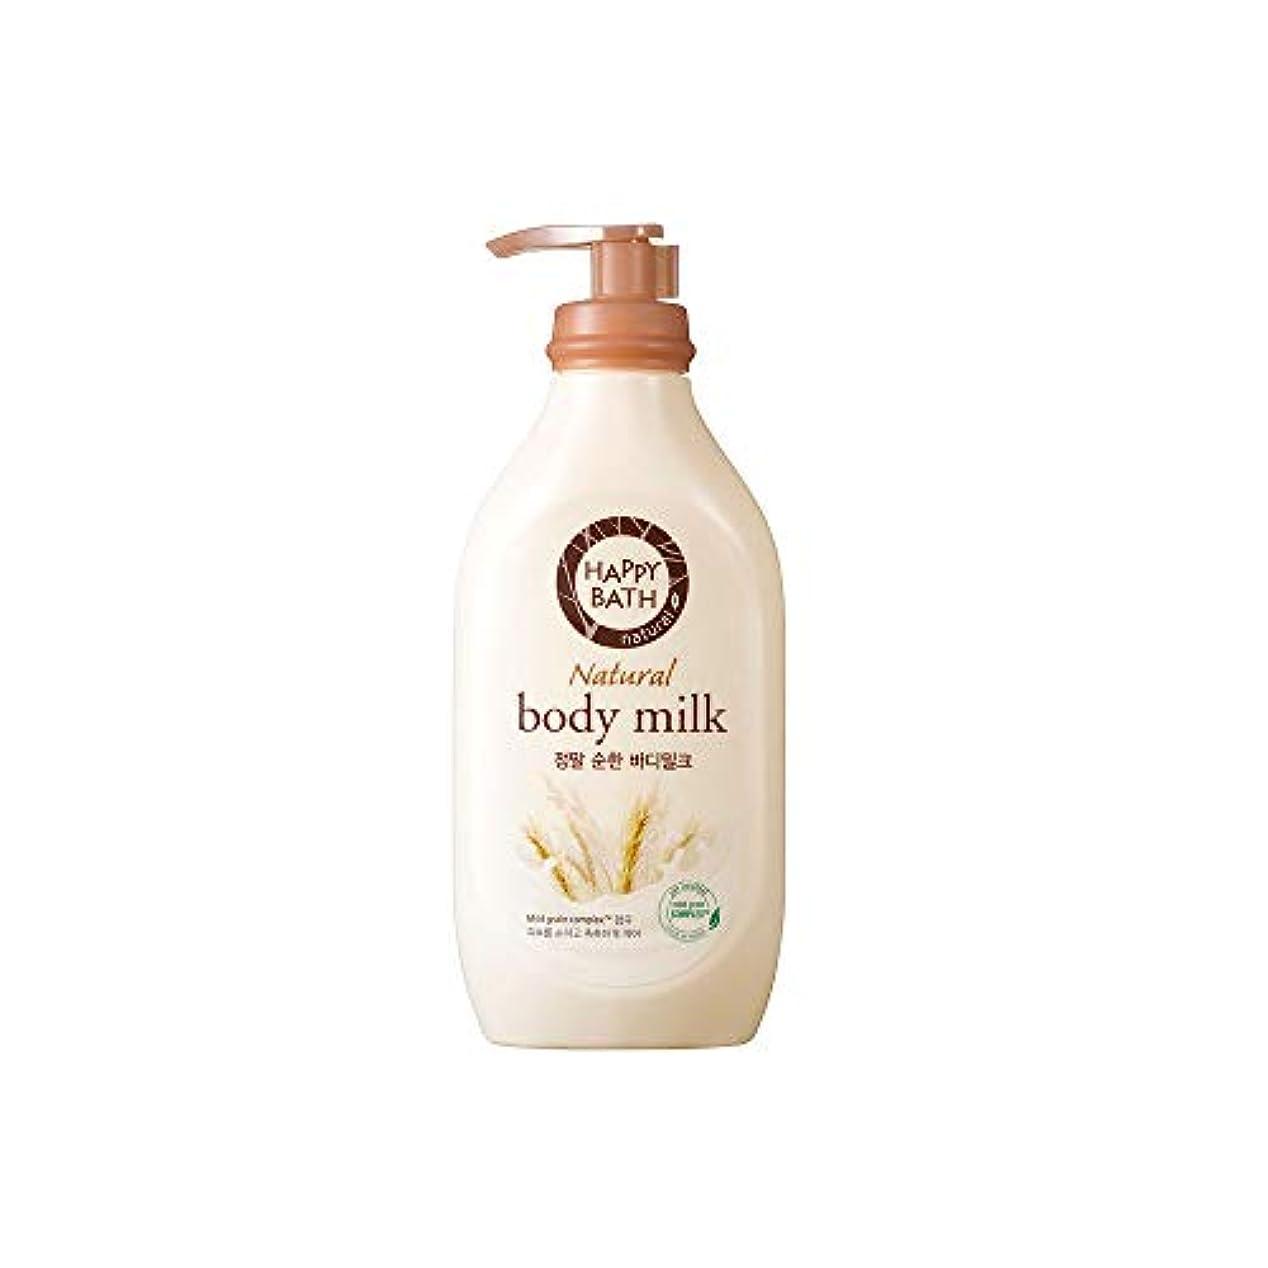 遊び場きらきら広げる[HAPPY BATH] ハッピーバス ナチュラルボディミルク マイルドタイプ ボディローション 450ml (pure body milk 450ml)